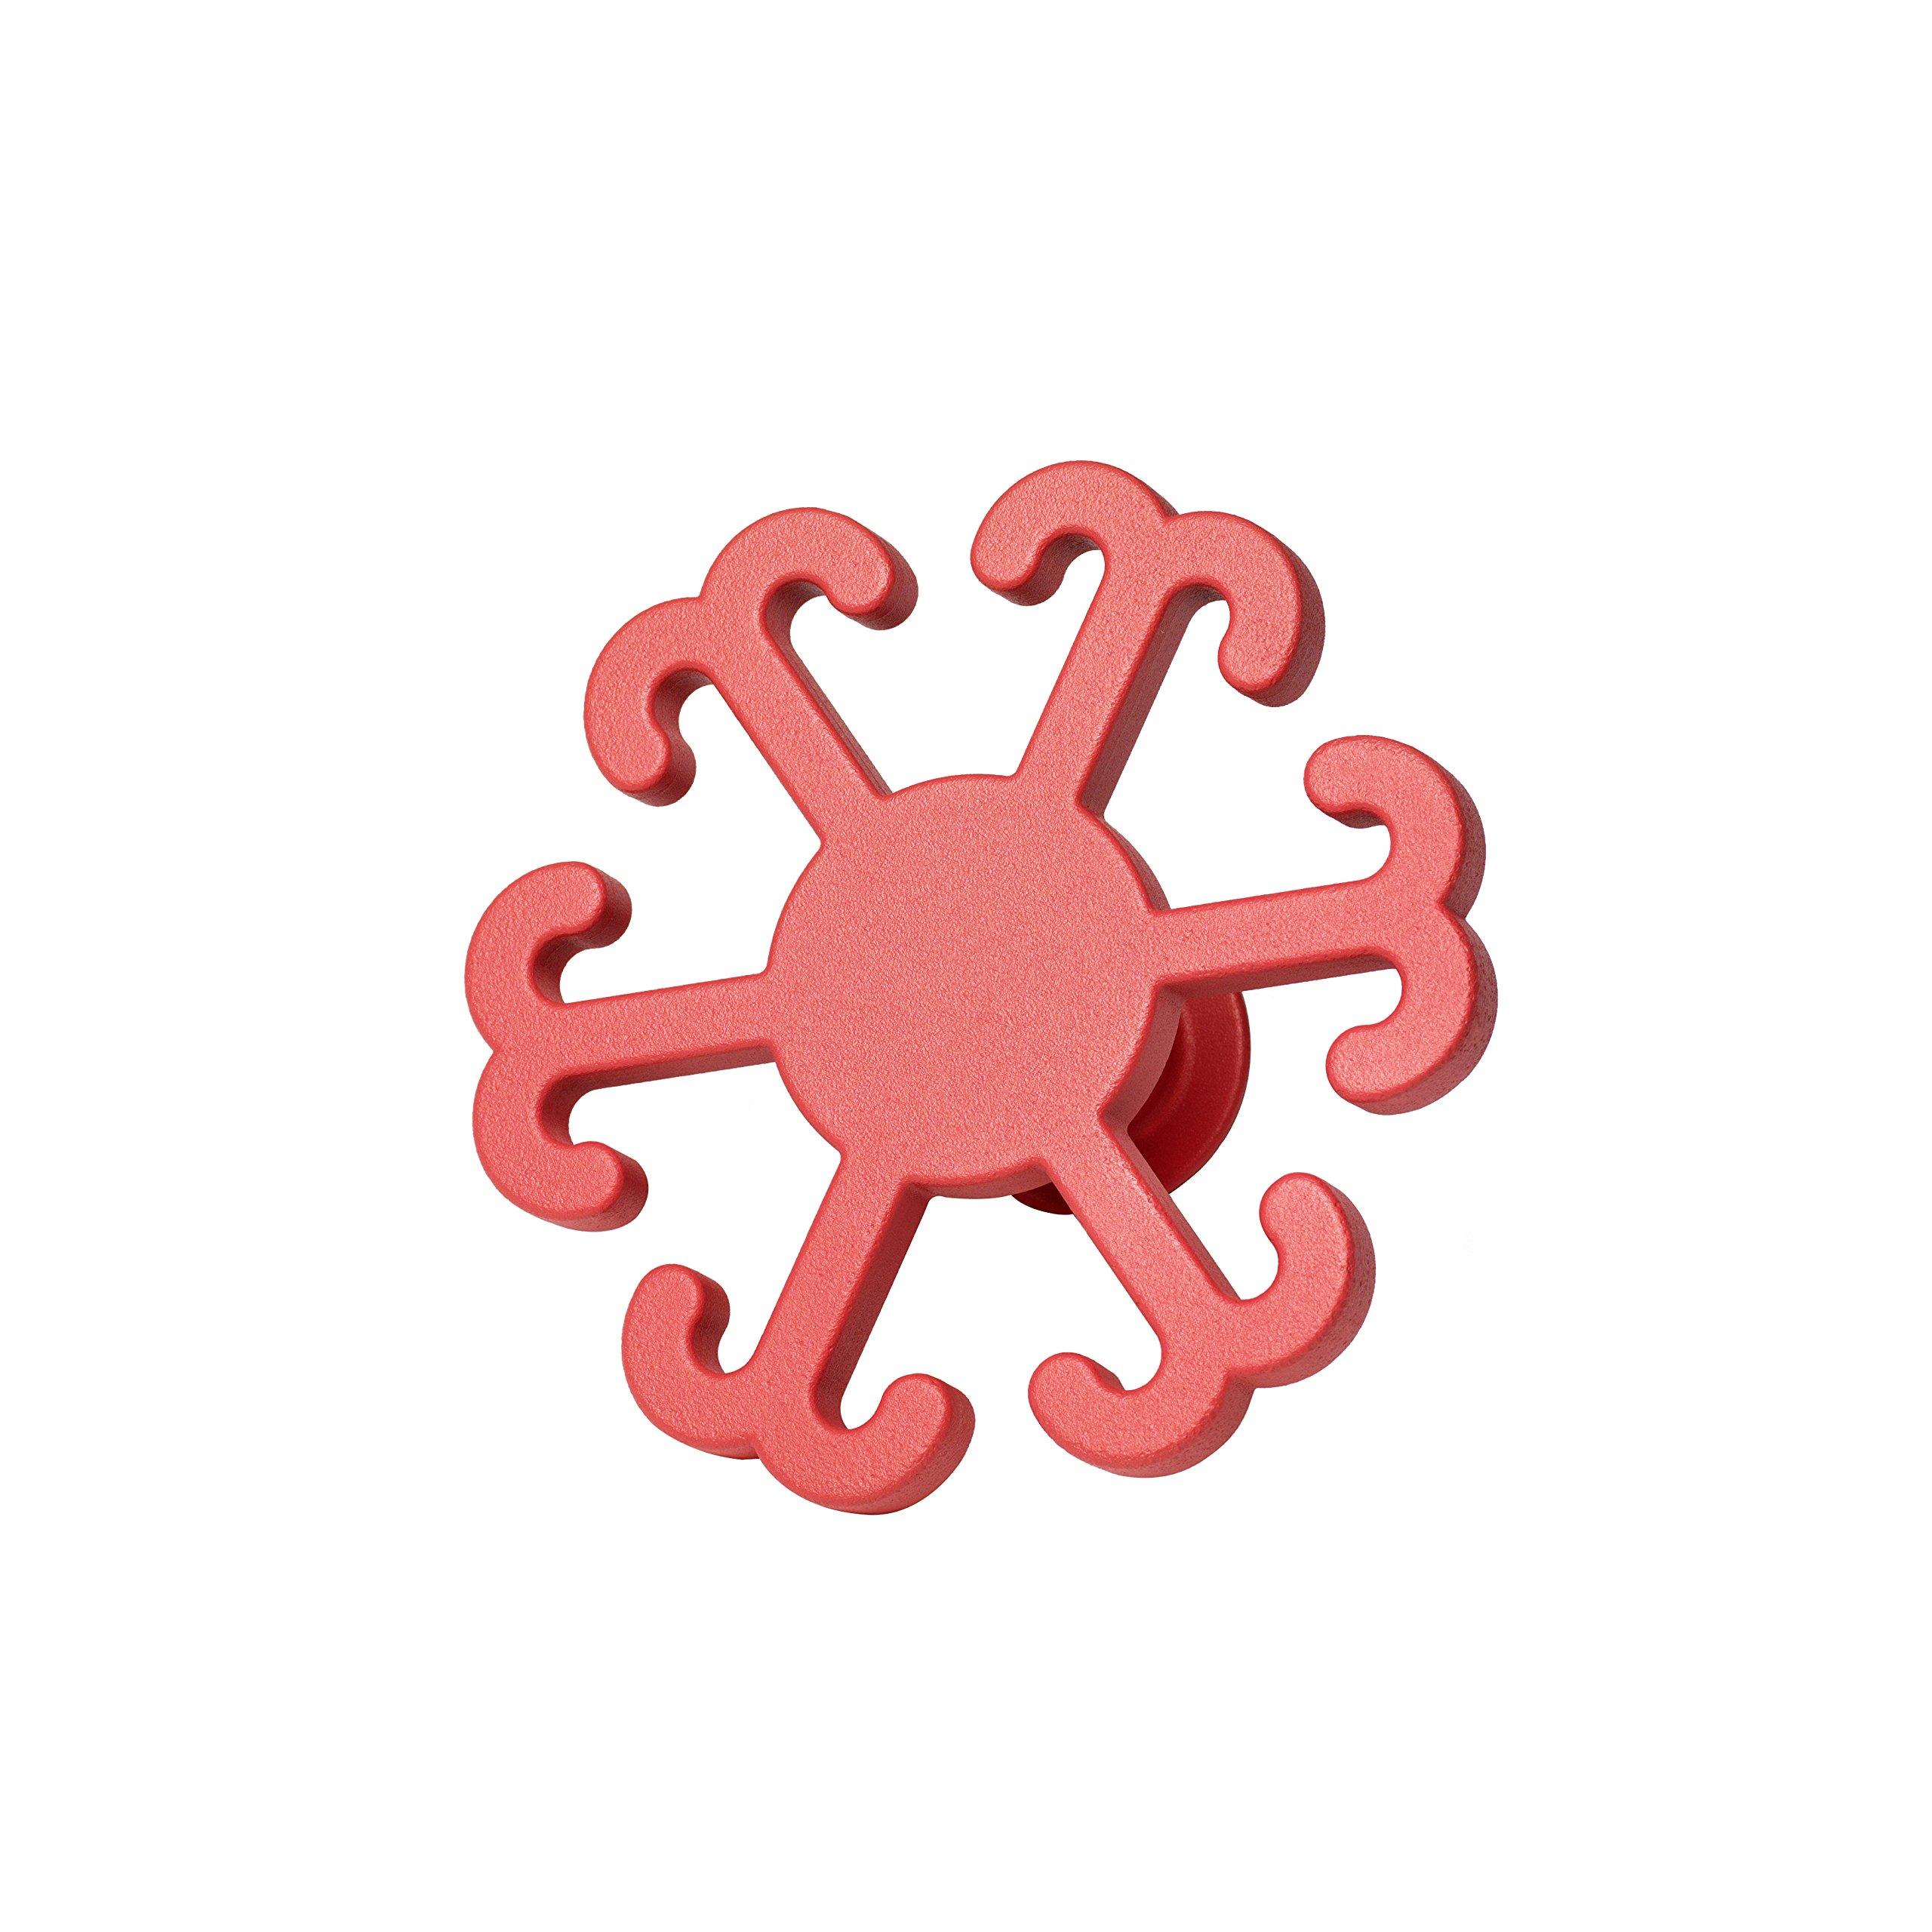 NakNak Hooks - Decorative Hanger - Aluminum Holder - Key Hook - Flower Shape - Red